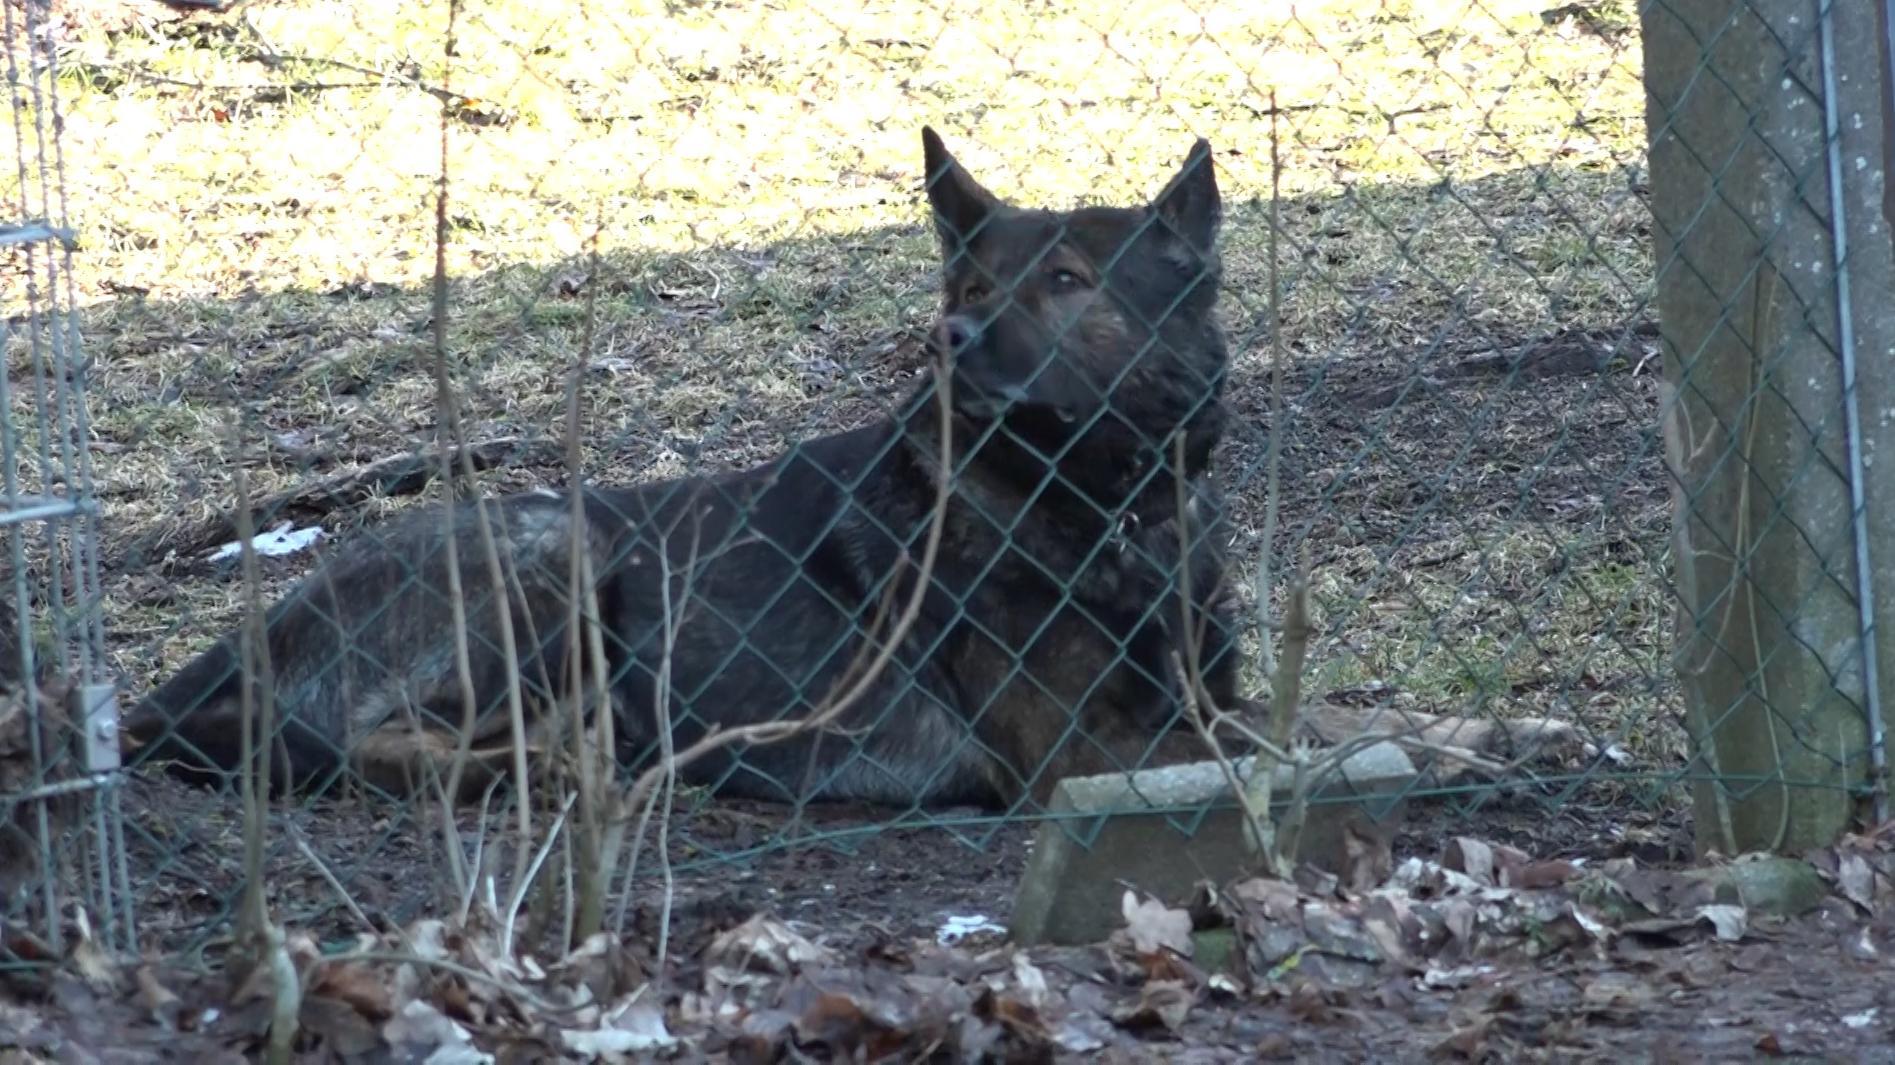 Nach Schäferhund-Attacke: Peta fordert Führerschein für Hunde